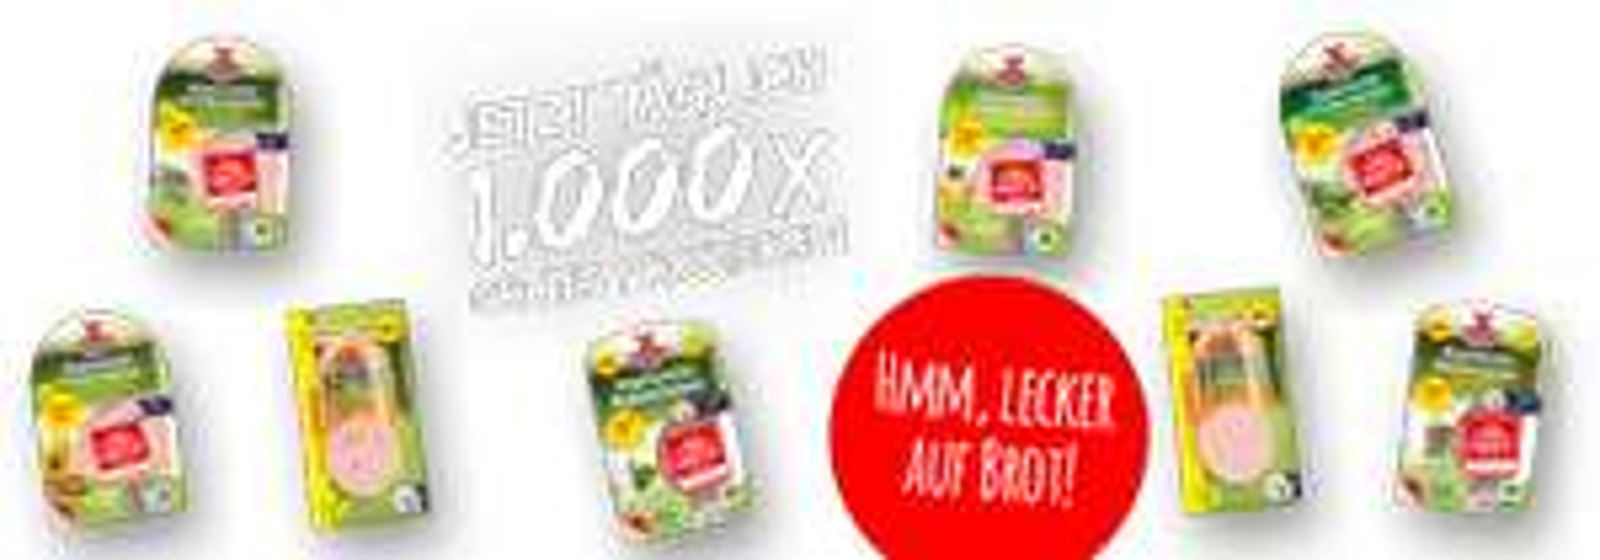 Freebee möglich -Rügenwalder Mühle Veggie Sortiment- gratis testen- 1000 Produkte am Tag